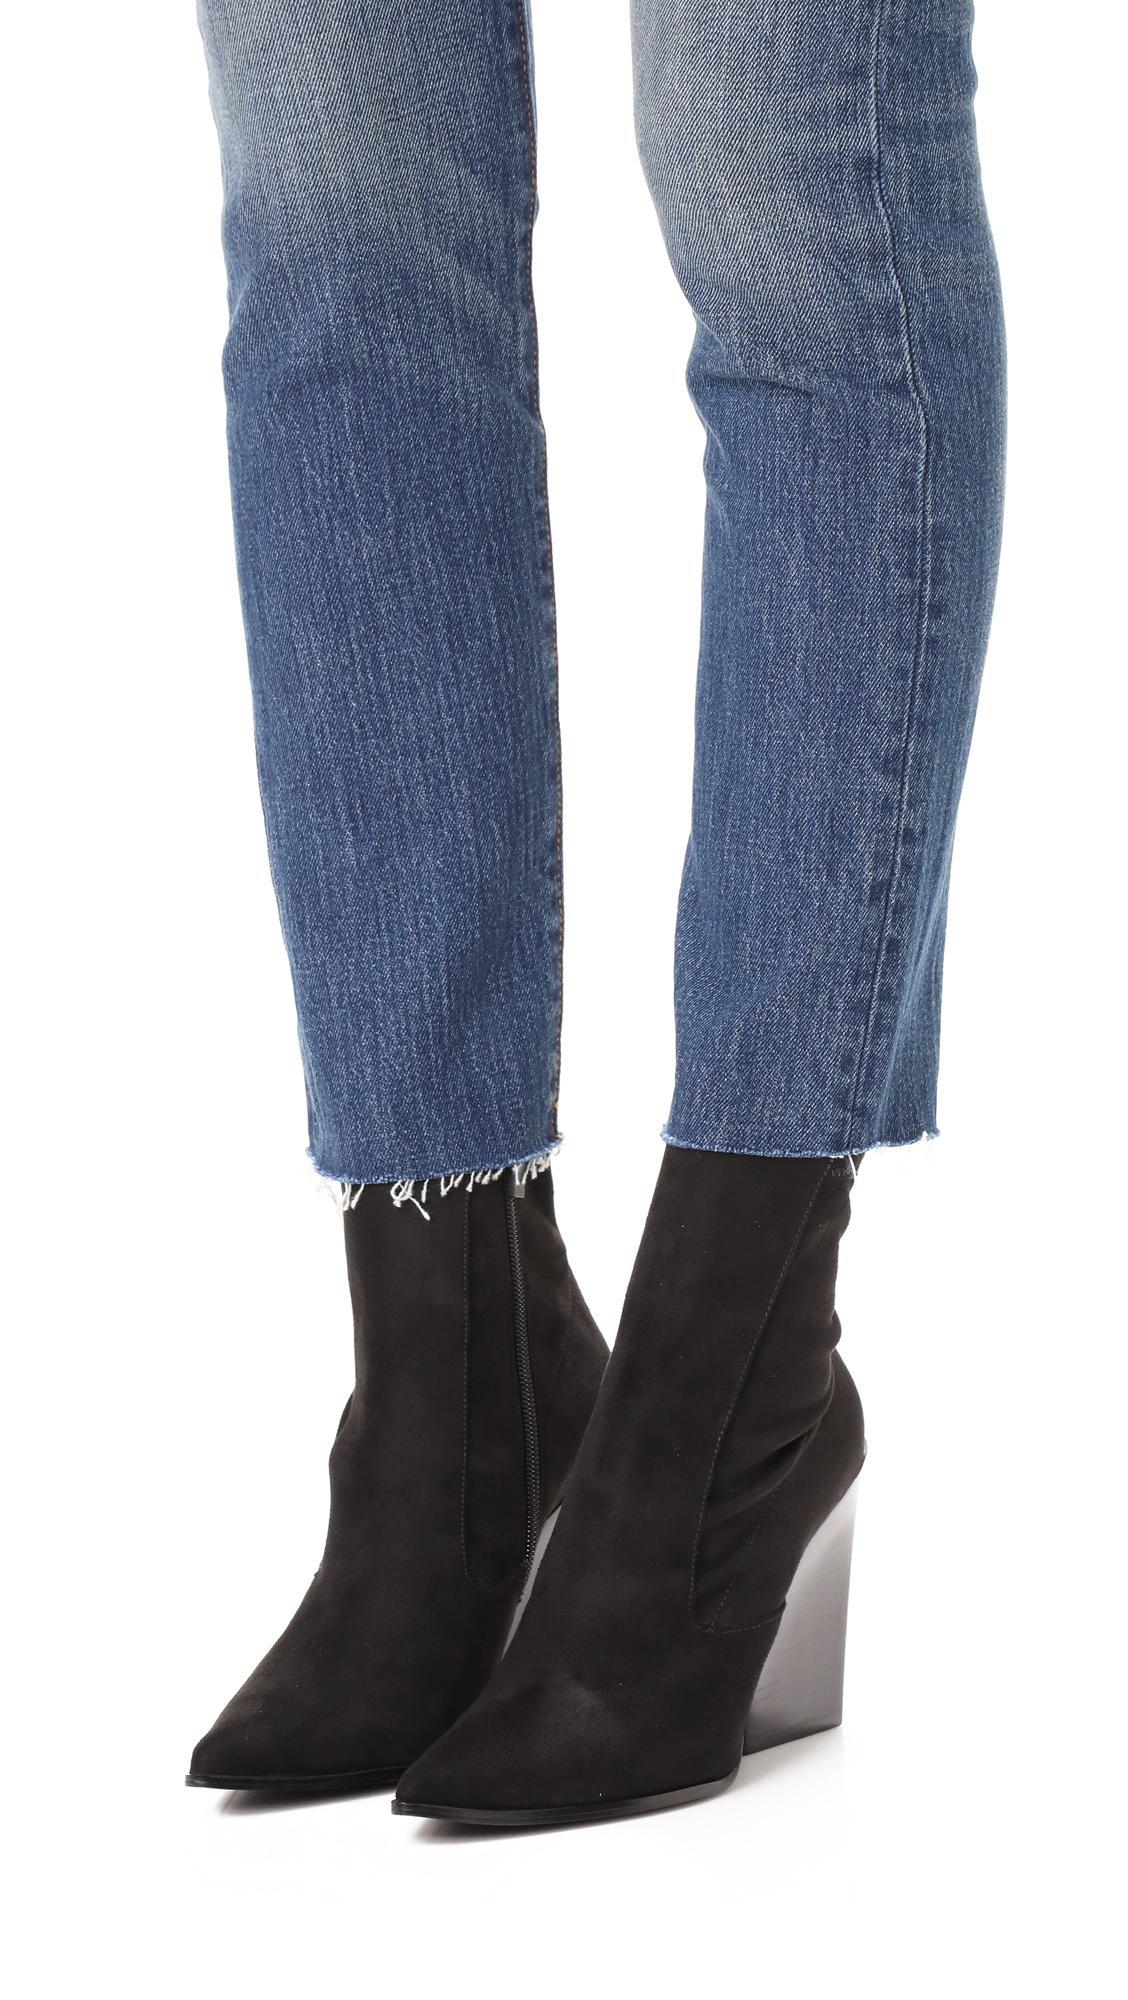 Kendall + Kylie Fallyn Sock Booties in